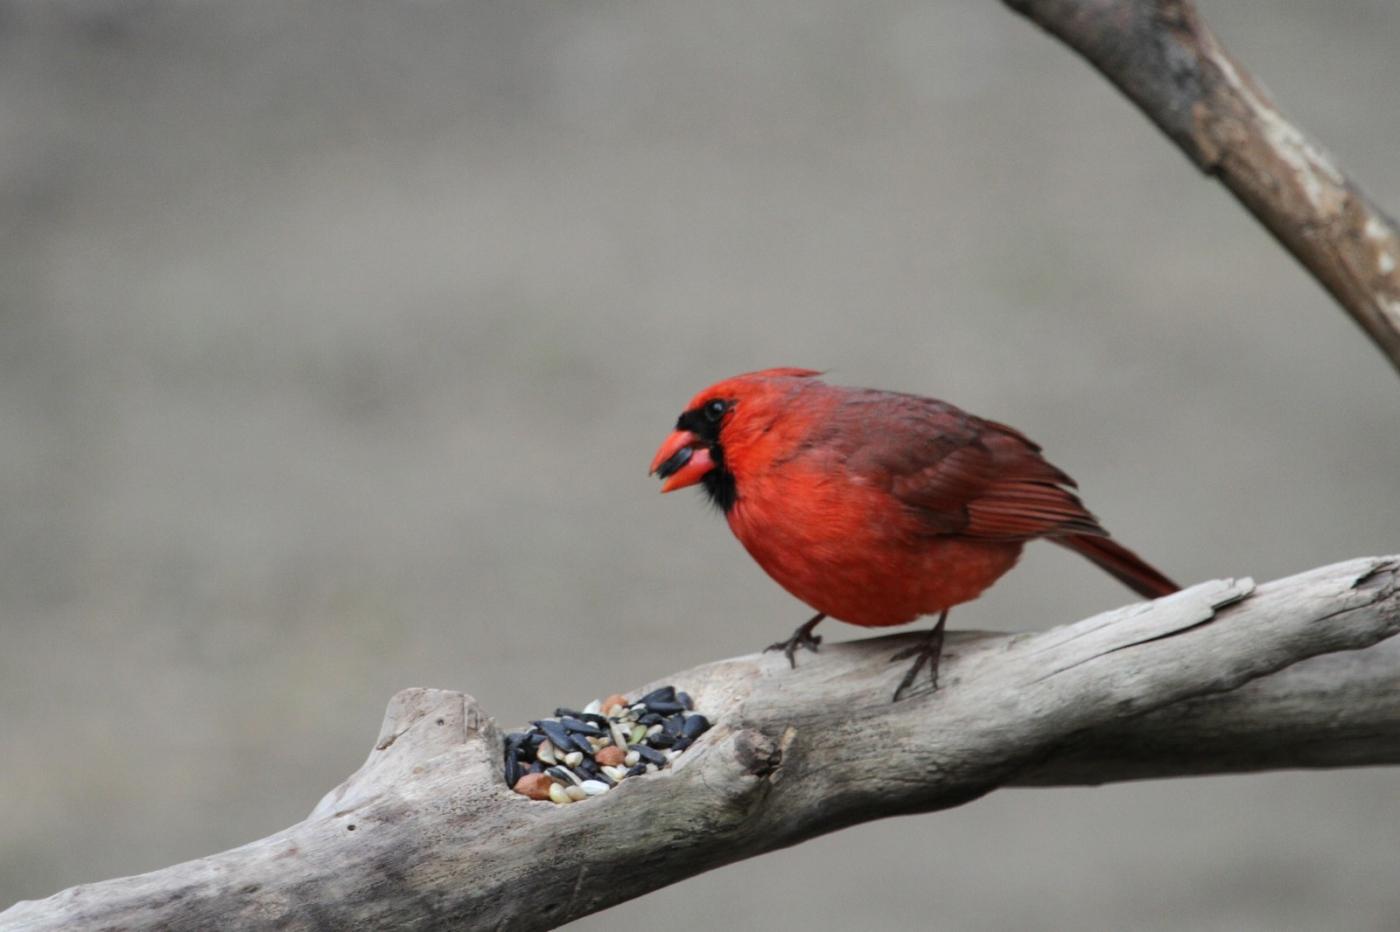 【田螺摄影】有吃的主教鸟还会挑肥拣瘦_图1-13